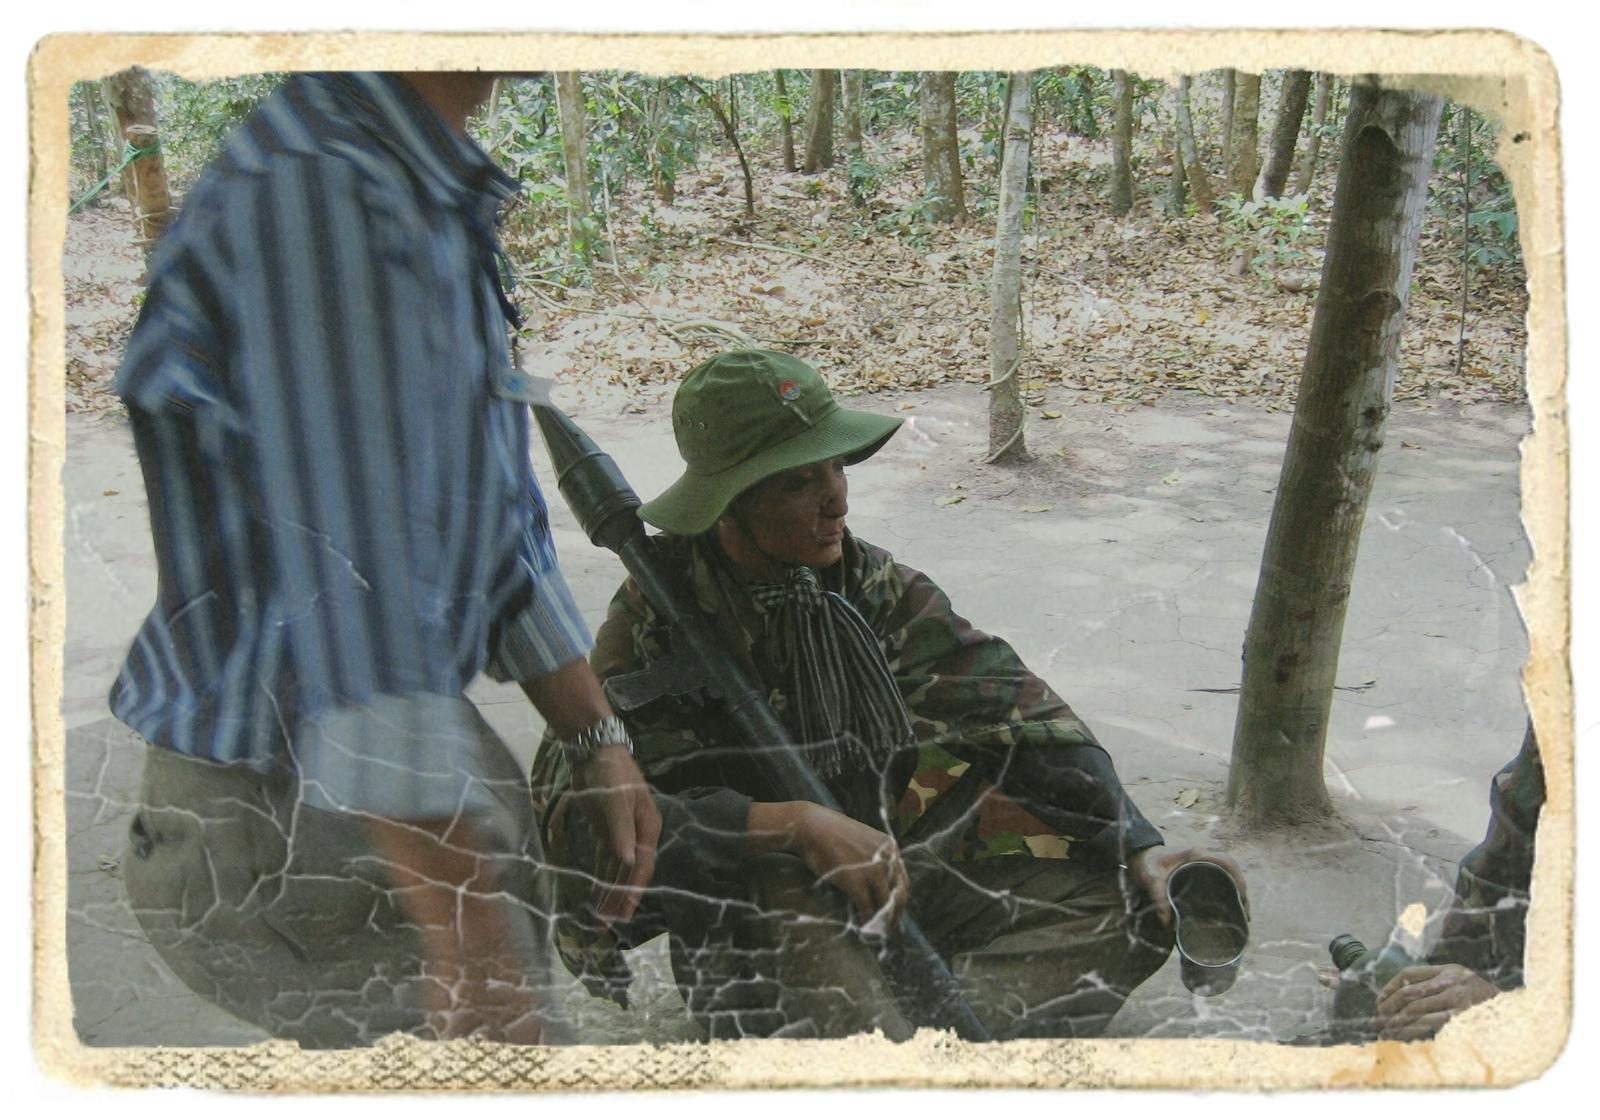 【ひとり旅】ベトナム観光。 水上の民とのふれあい。現地の写真をアップしてみた。⑦